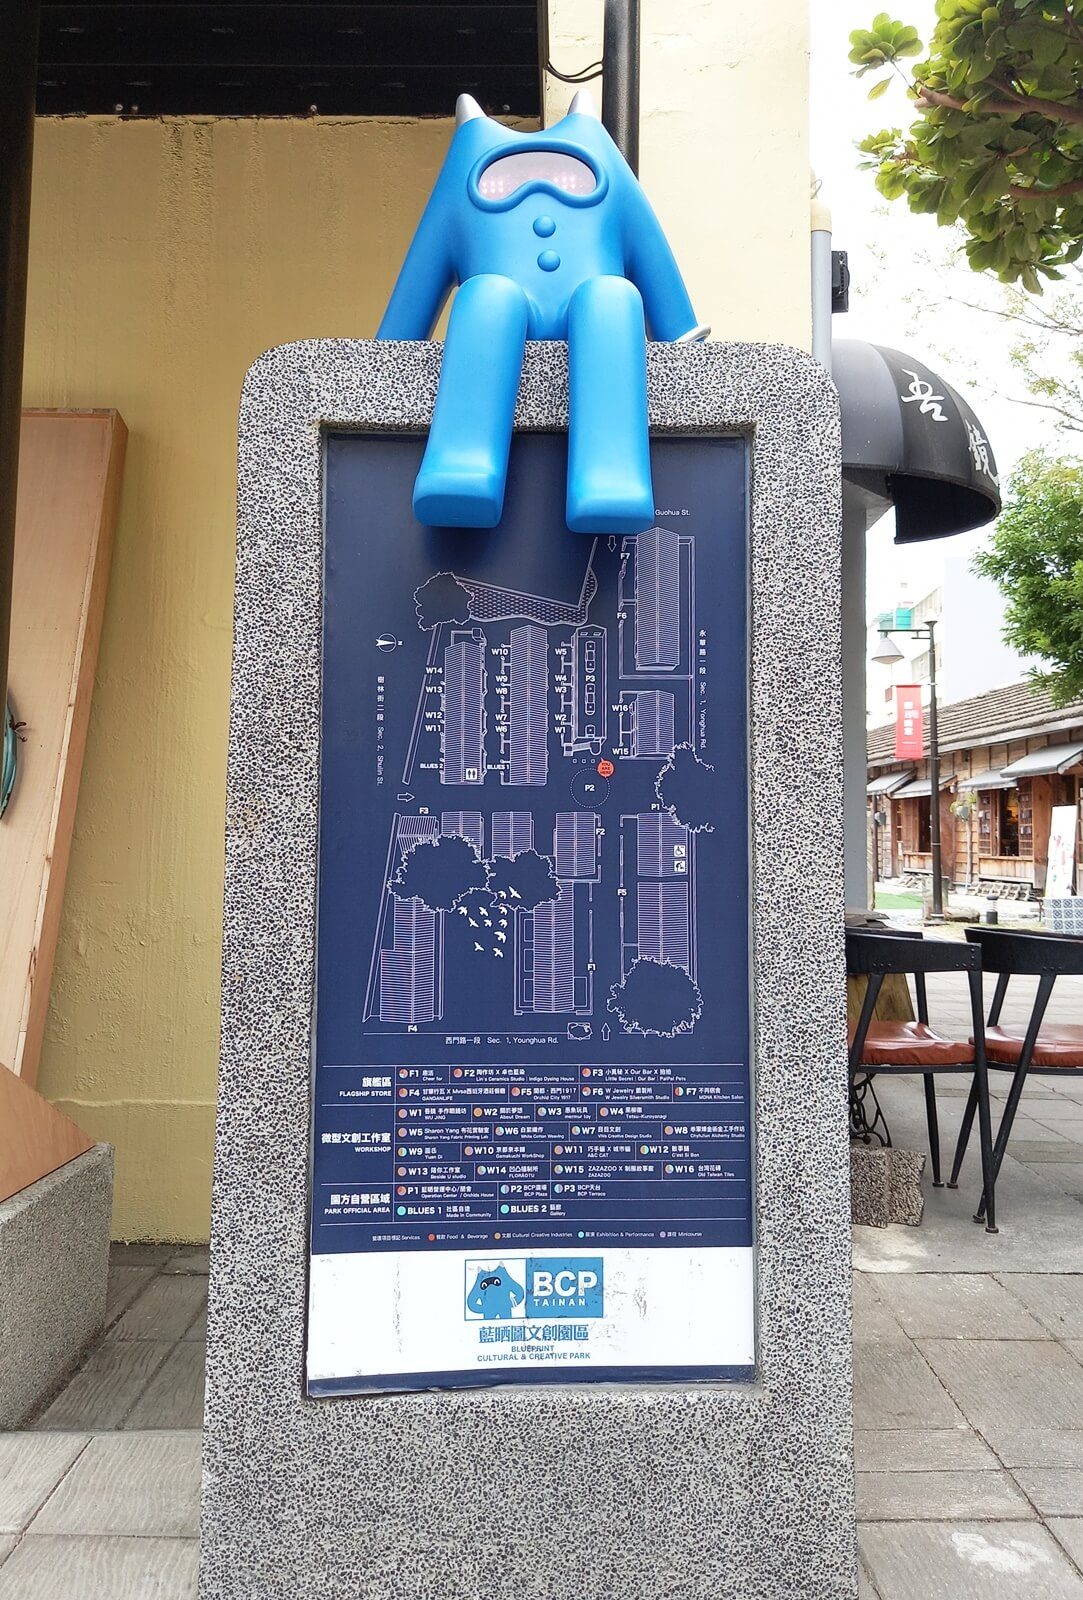 台南旅遊-台南景點-台南中西區景點-中西區景點-台南藍晒圖文創園區-台南南晒圖-藍晒圖交通-藍晒圖停車-藍晒圖開放時間-藍晒圖周圍景點-藍晒圖附近景點